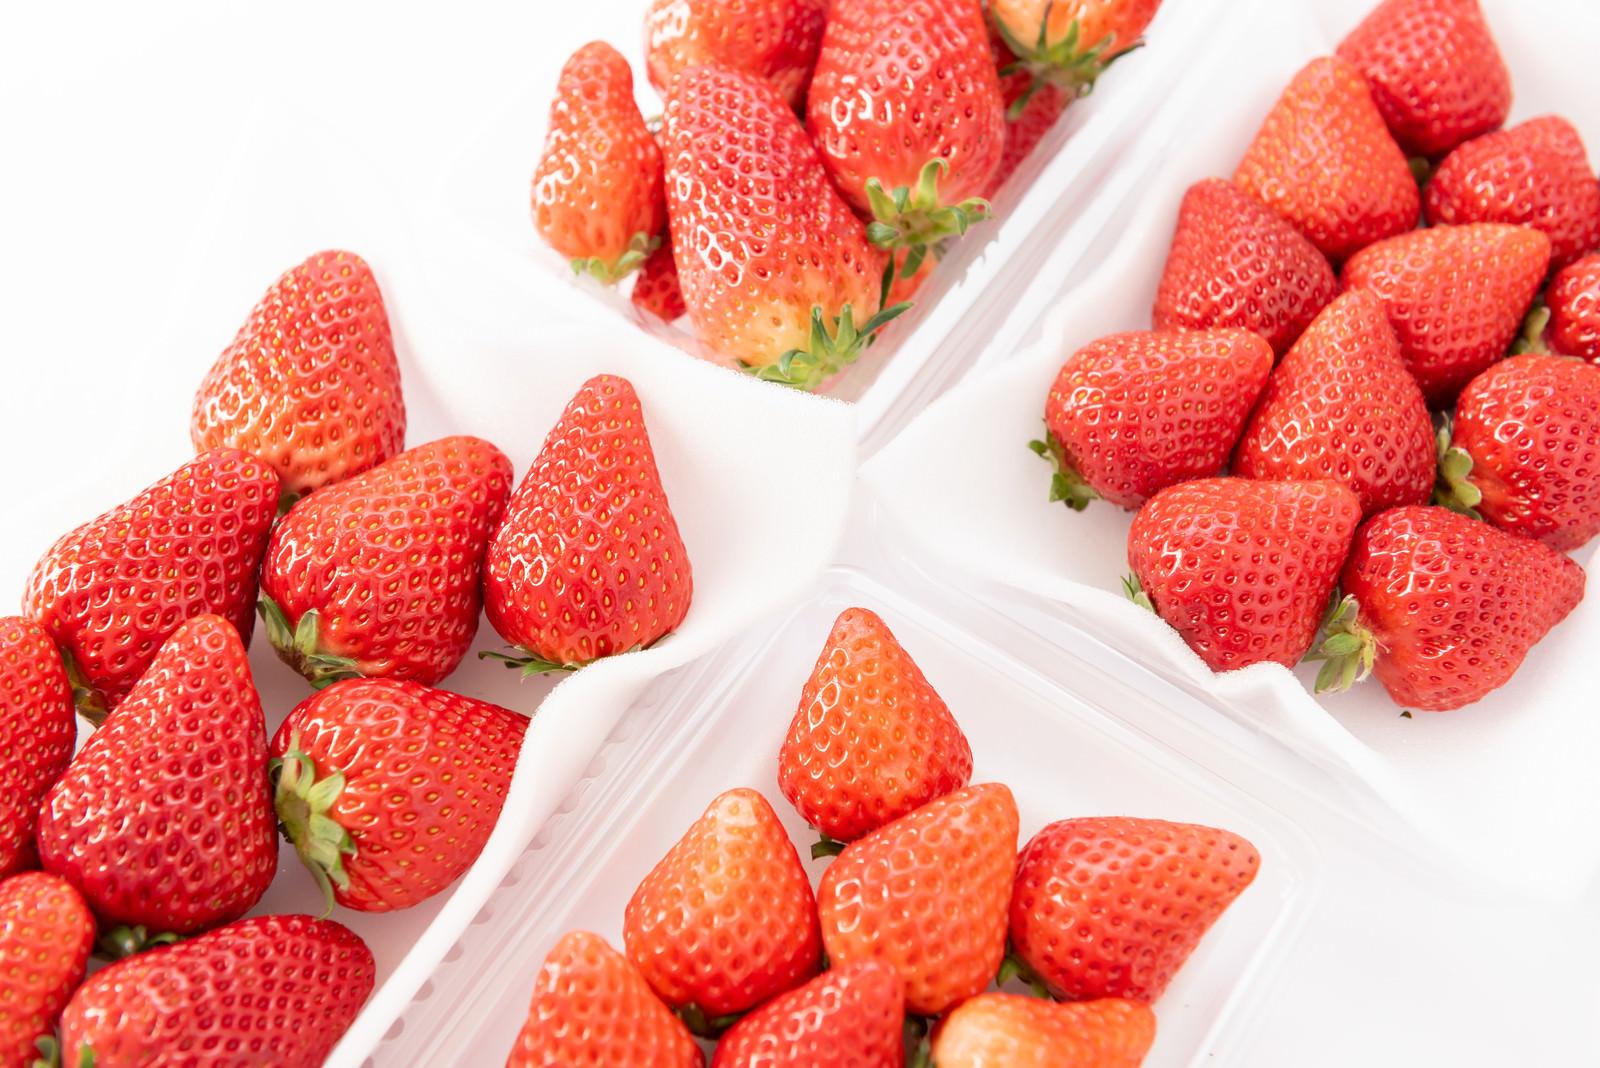 「苺のサイズ比較(章姫、紅ほっぺ、あまおう、さがほのか)」の写真